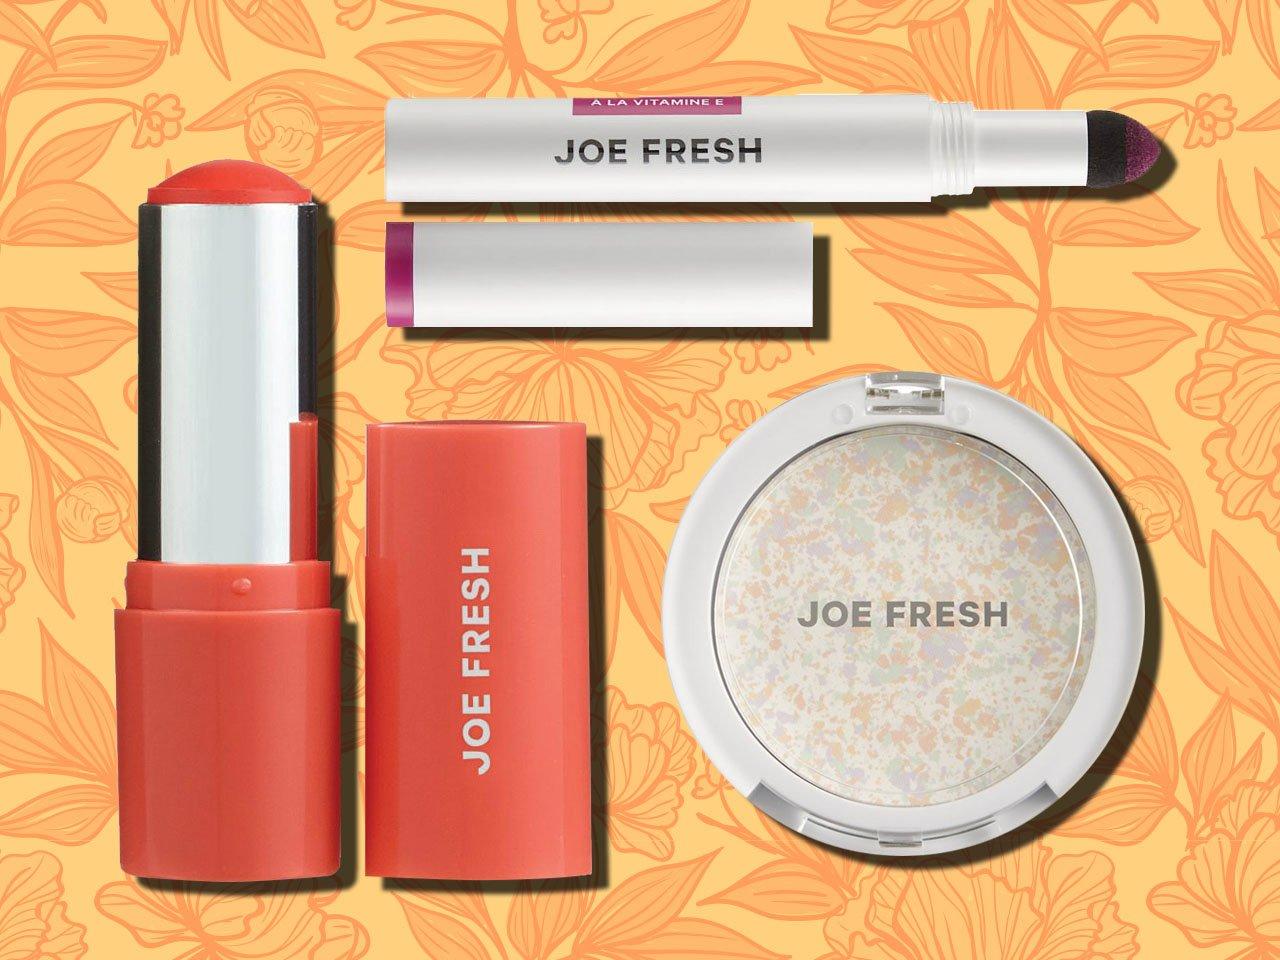 joe fresh beauty feature image